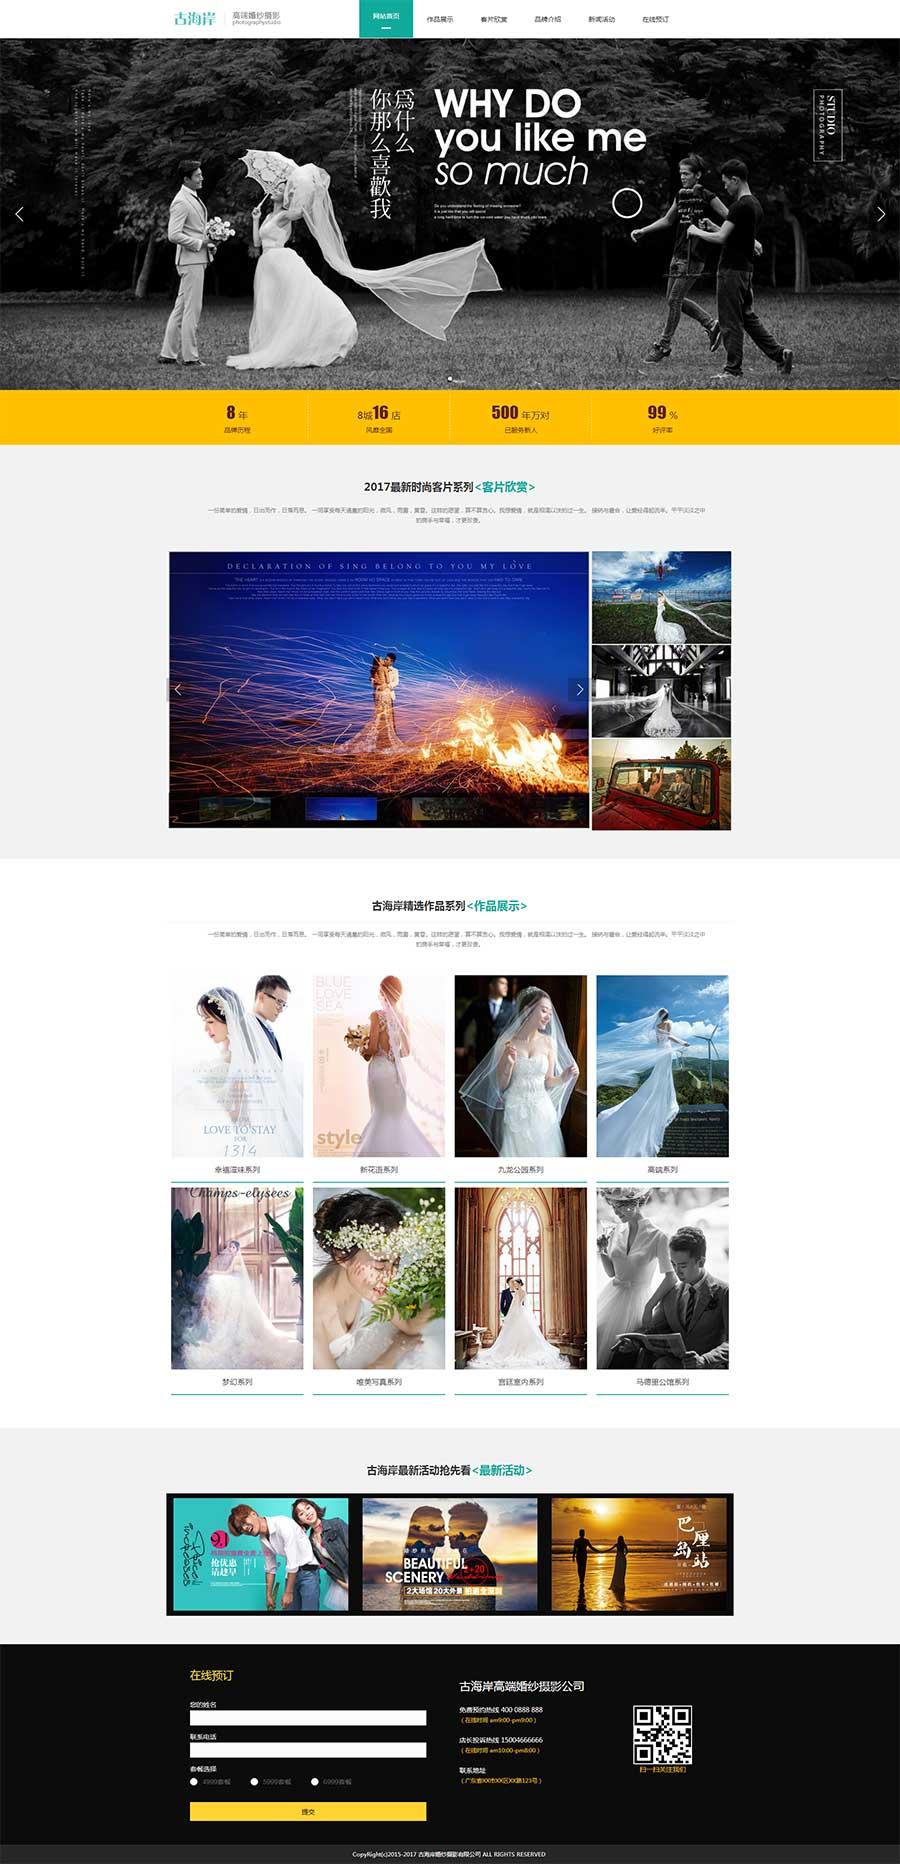 html5高端大气响应式婚纱摄影公司网站模板